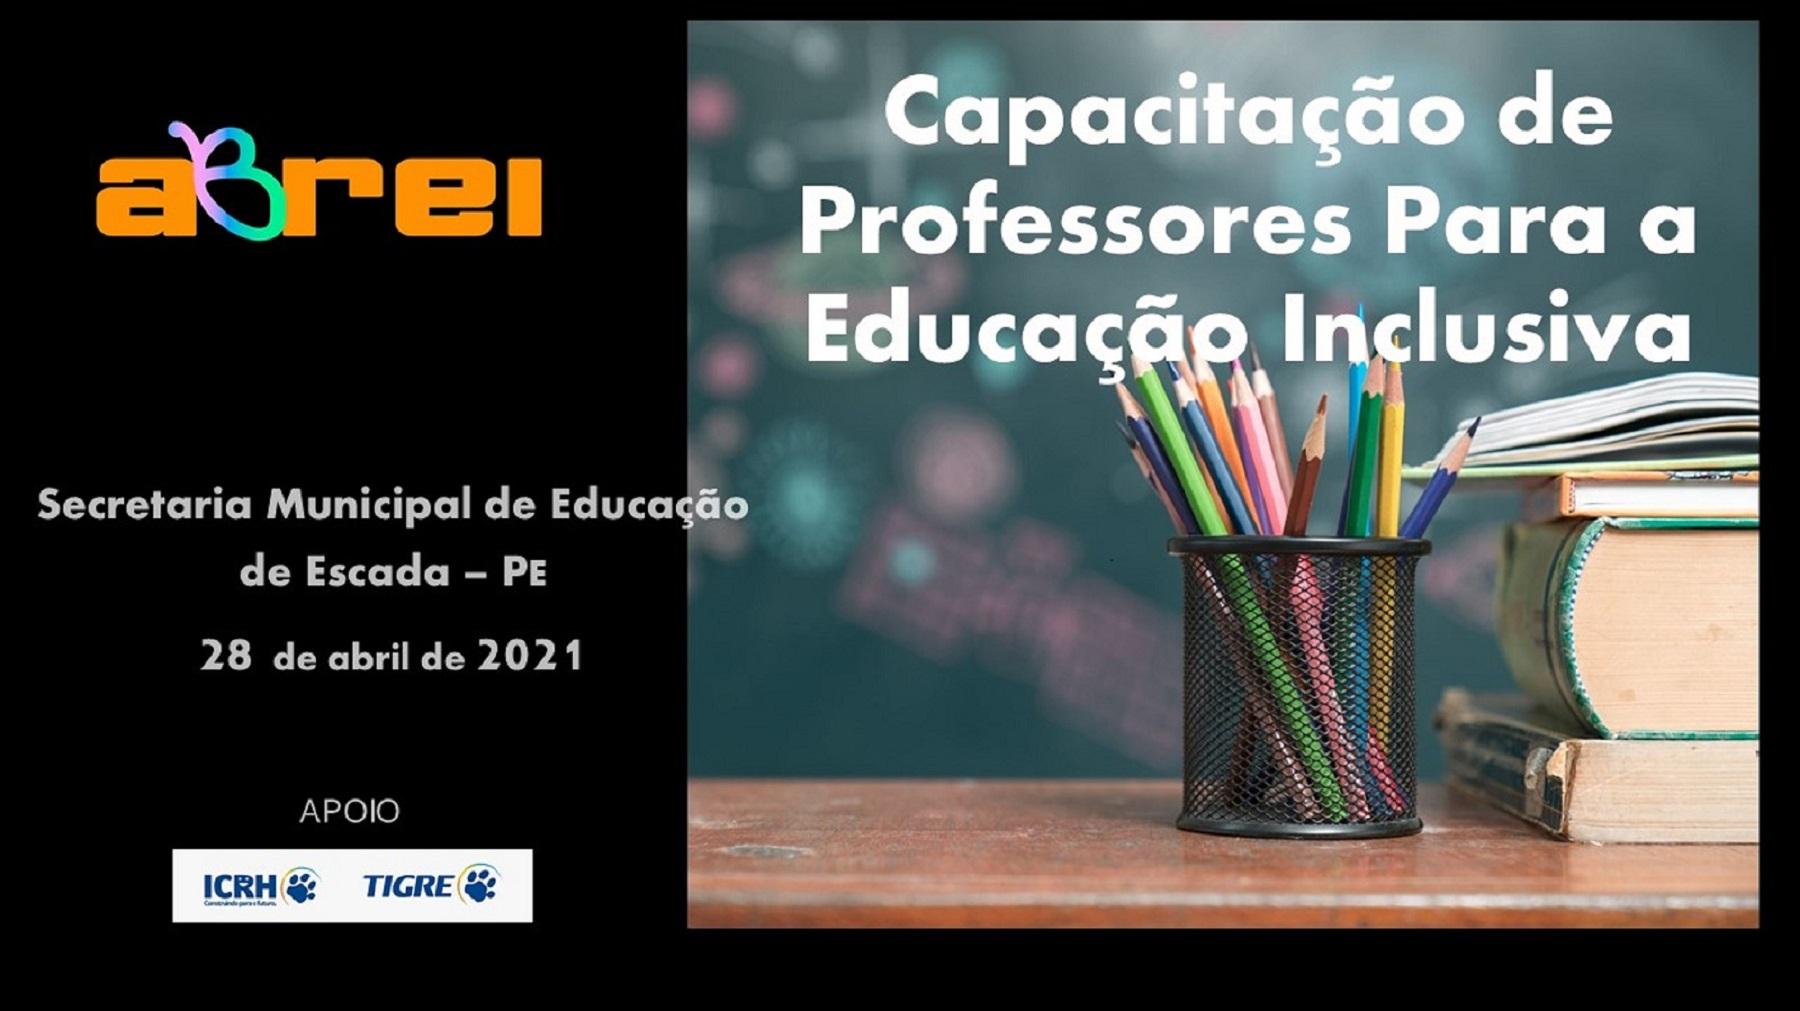 Capacitação de Professores para Educação Inclusiva